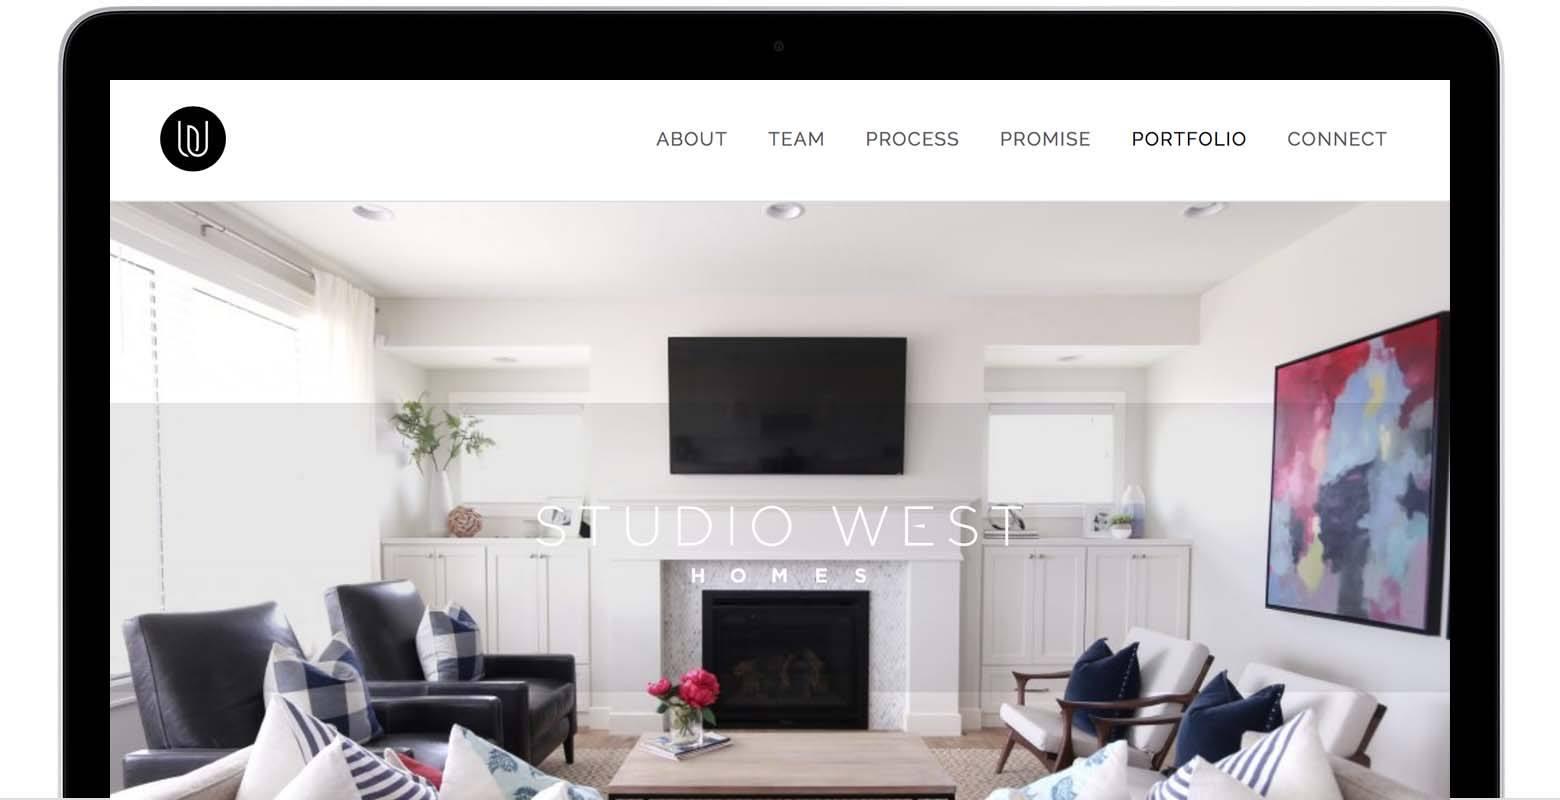 Studio West Homes